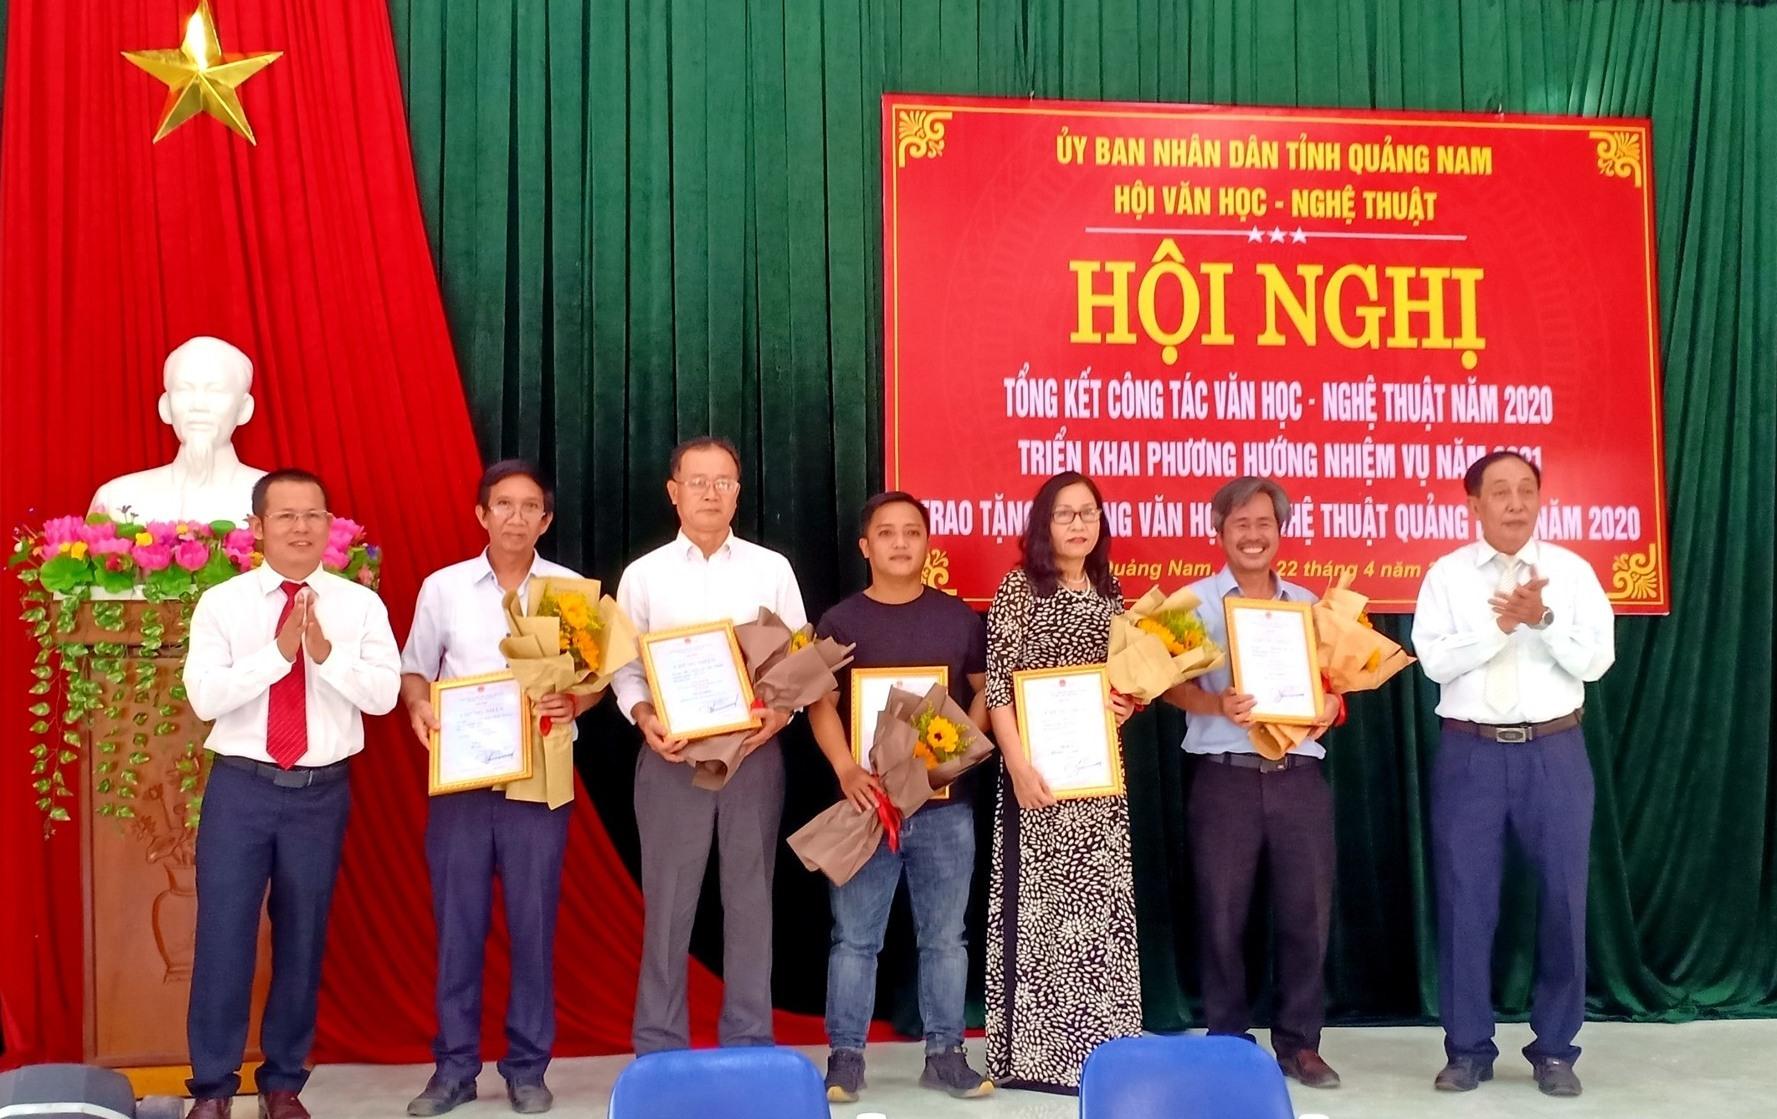 Đại diện Hội VH-NT Quảng Nam trao Tặng thưởng VH-NT Quảng Nam năm 2020 cho các tác giả đoạt giải C. Ảnh: N.T